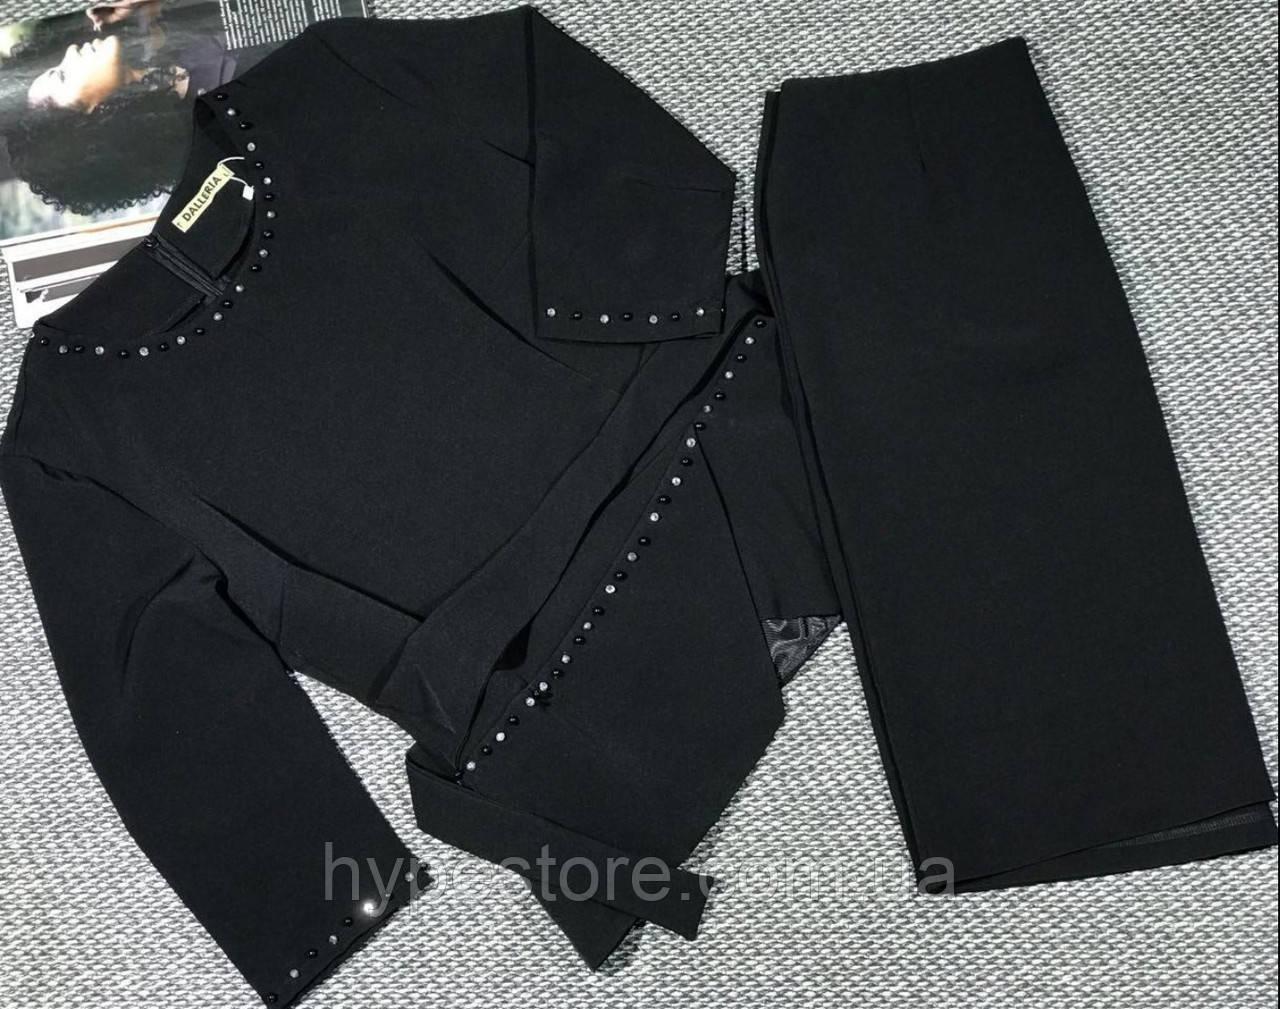 Оригинальный женский костюм-двойка черного цвета,см.замеры в описании!!!)